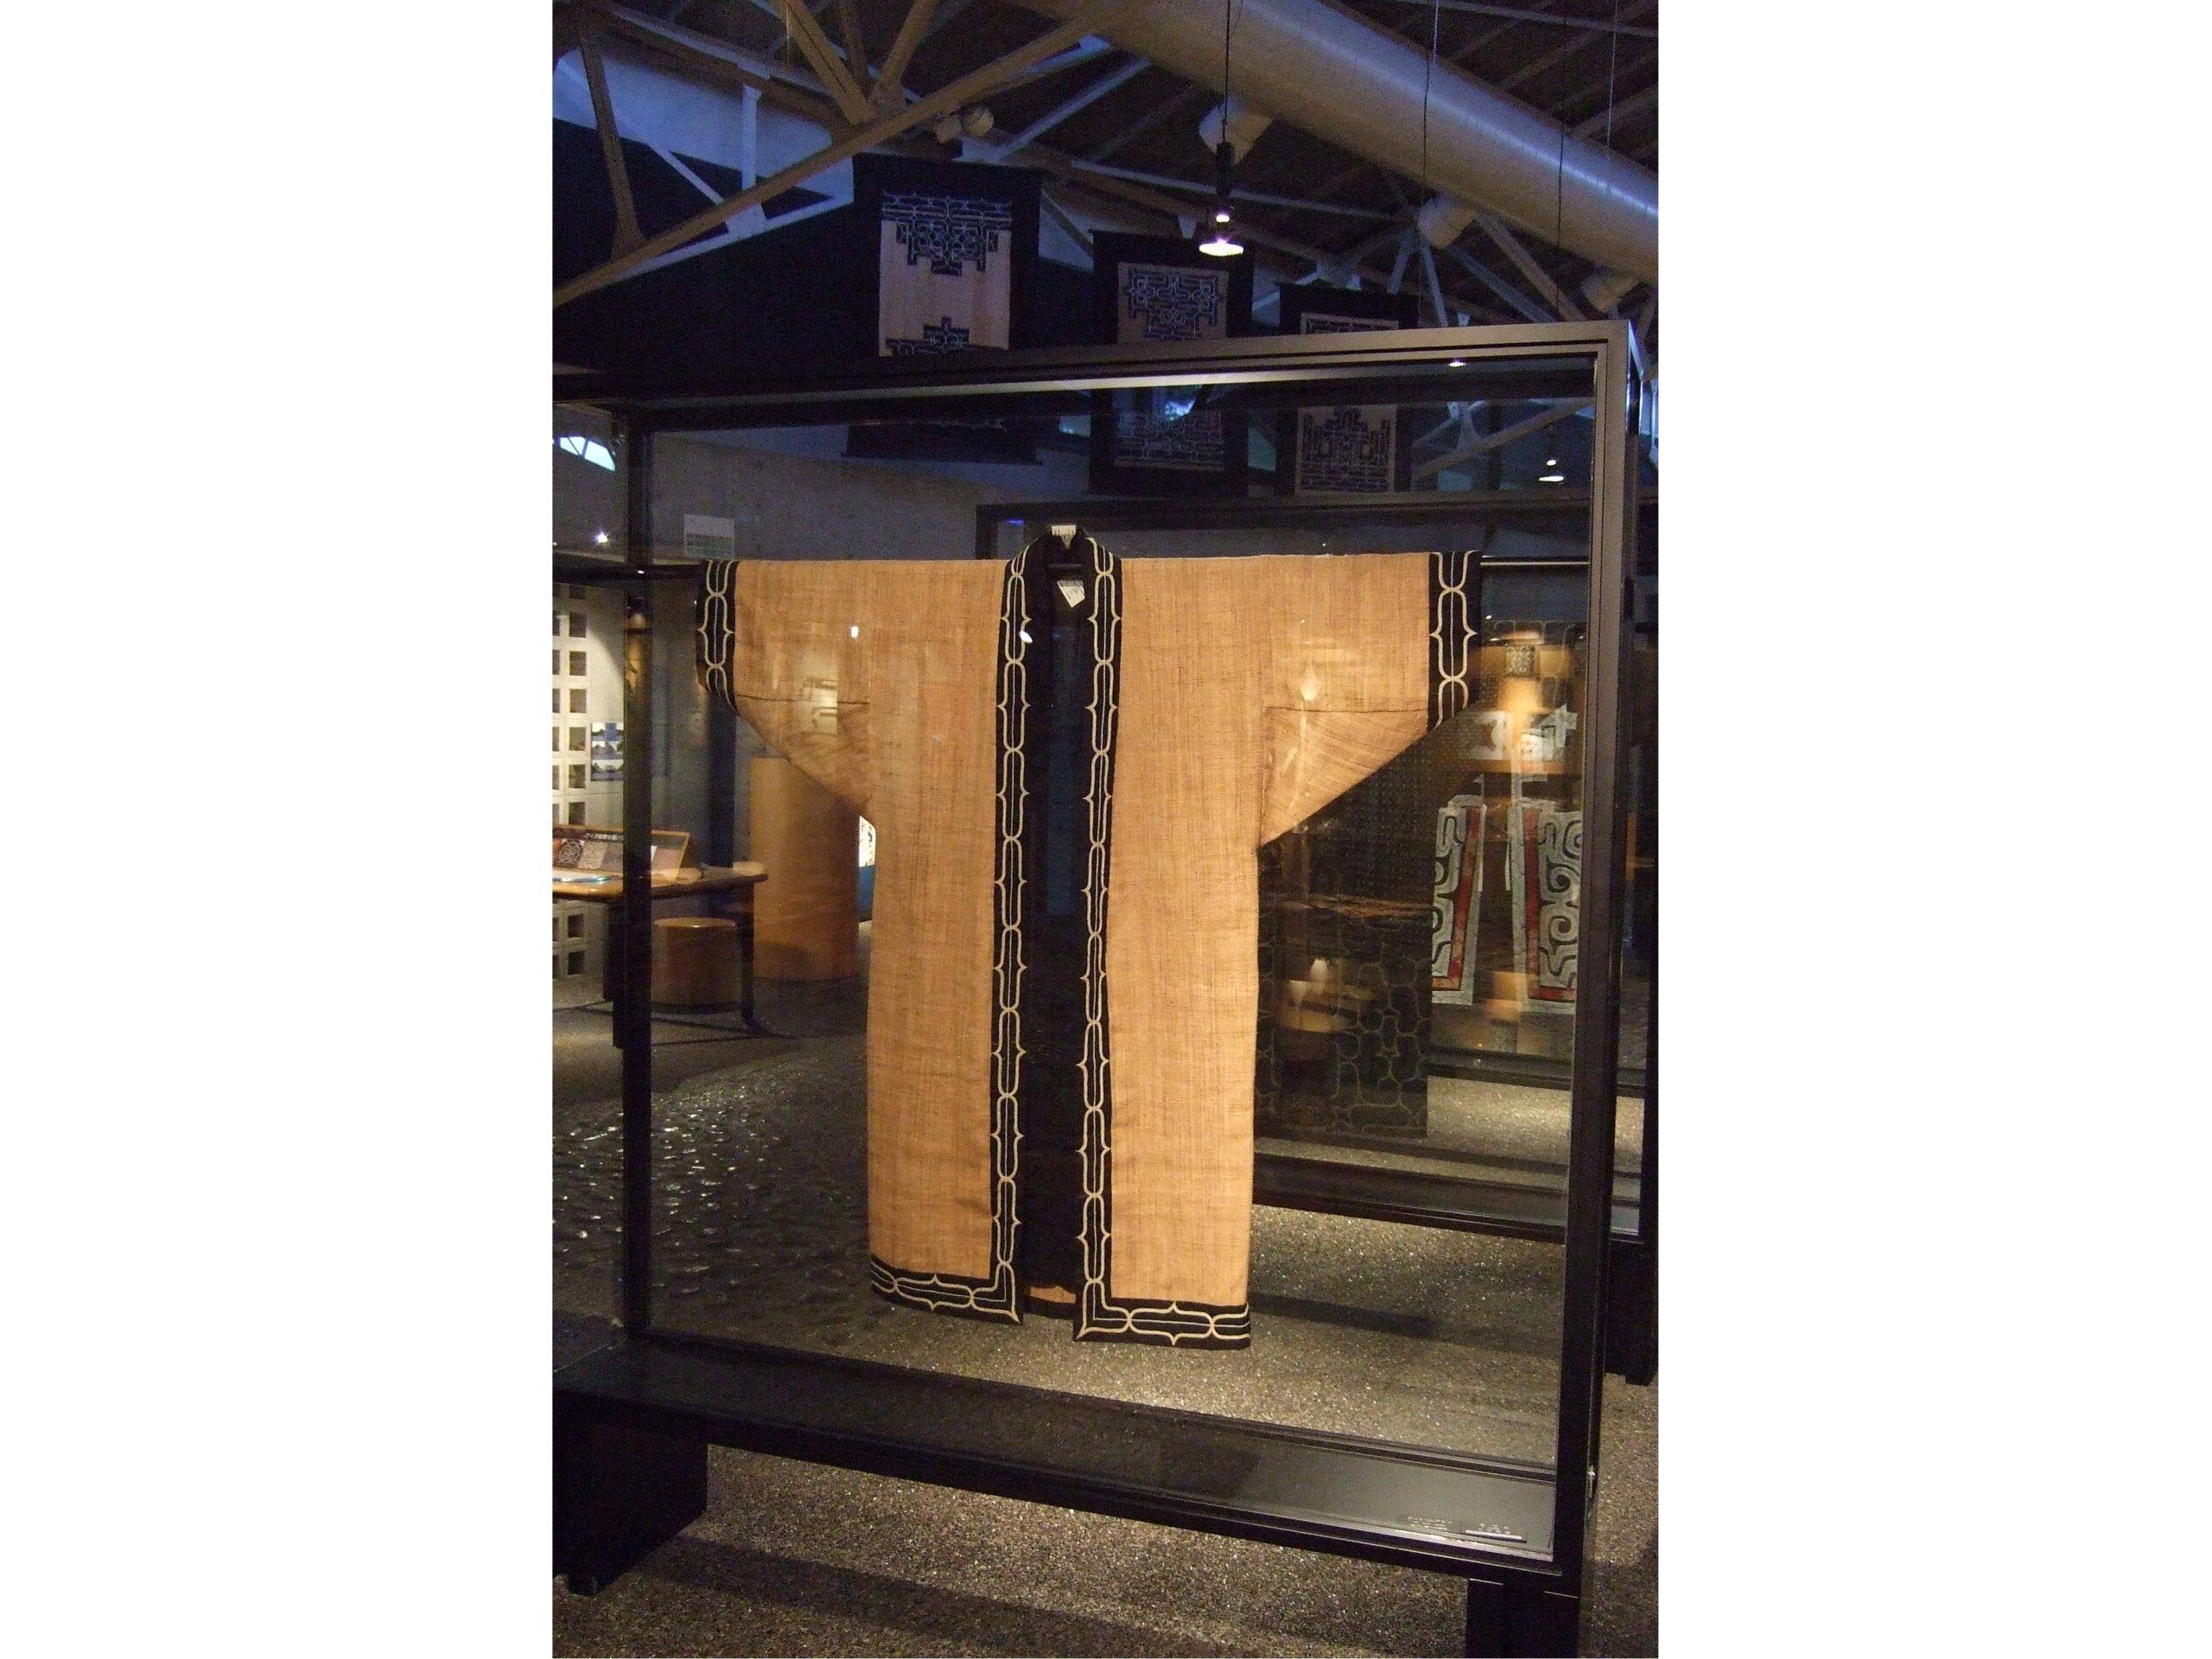 用樹皮製作的絲線所織成的布匹,縫製成衣物或樹皮布(attus) ©二風谷愛努文化博物館